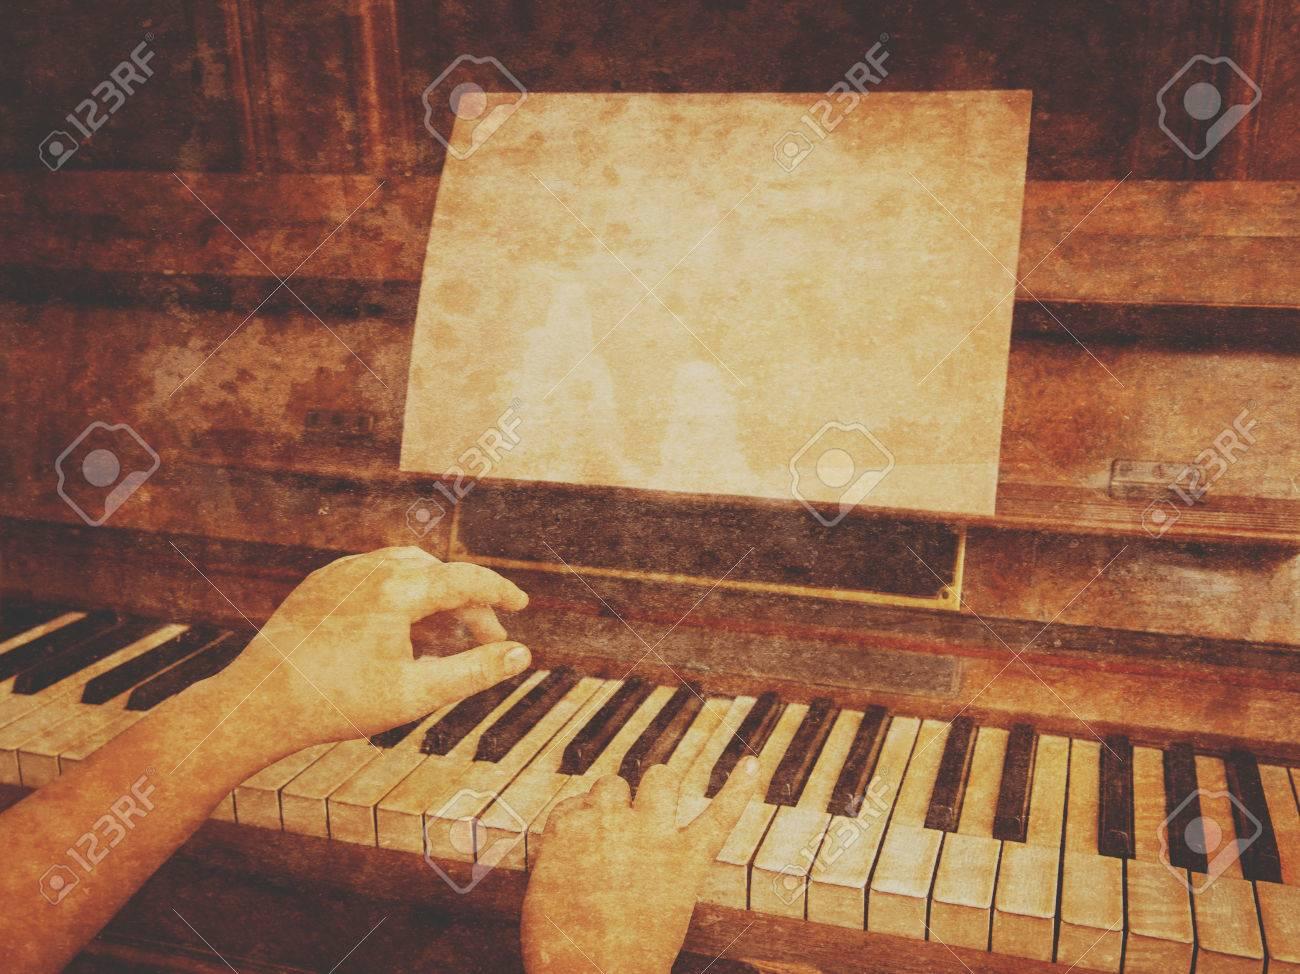 Enfant joue sur le rétro piano sur le bureau vide espace pour le